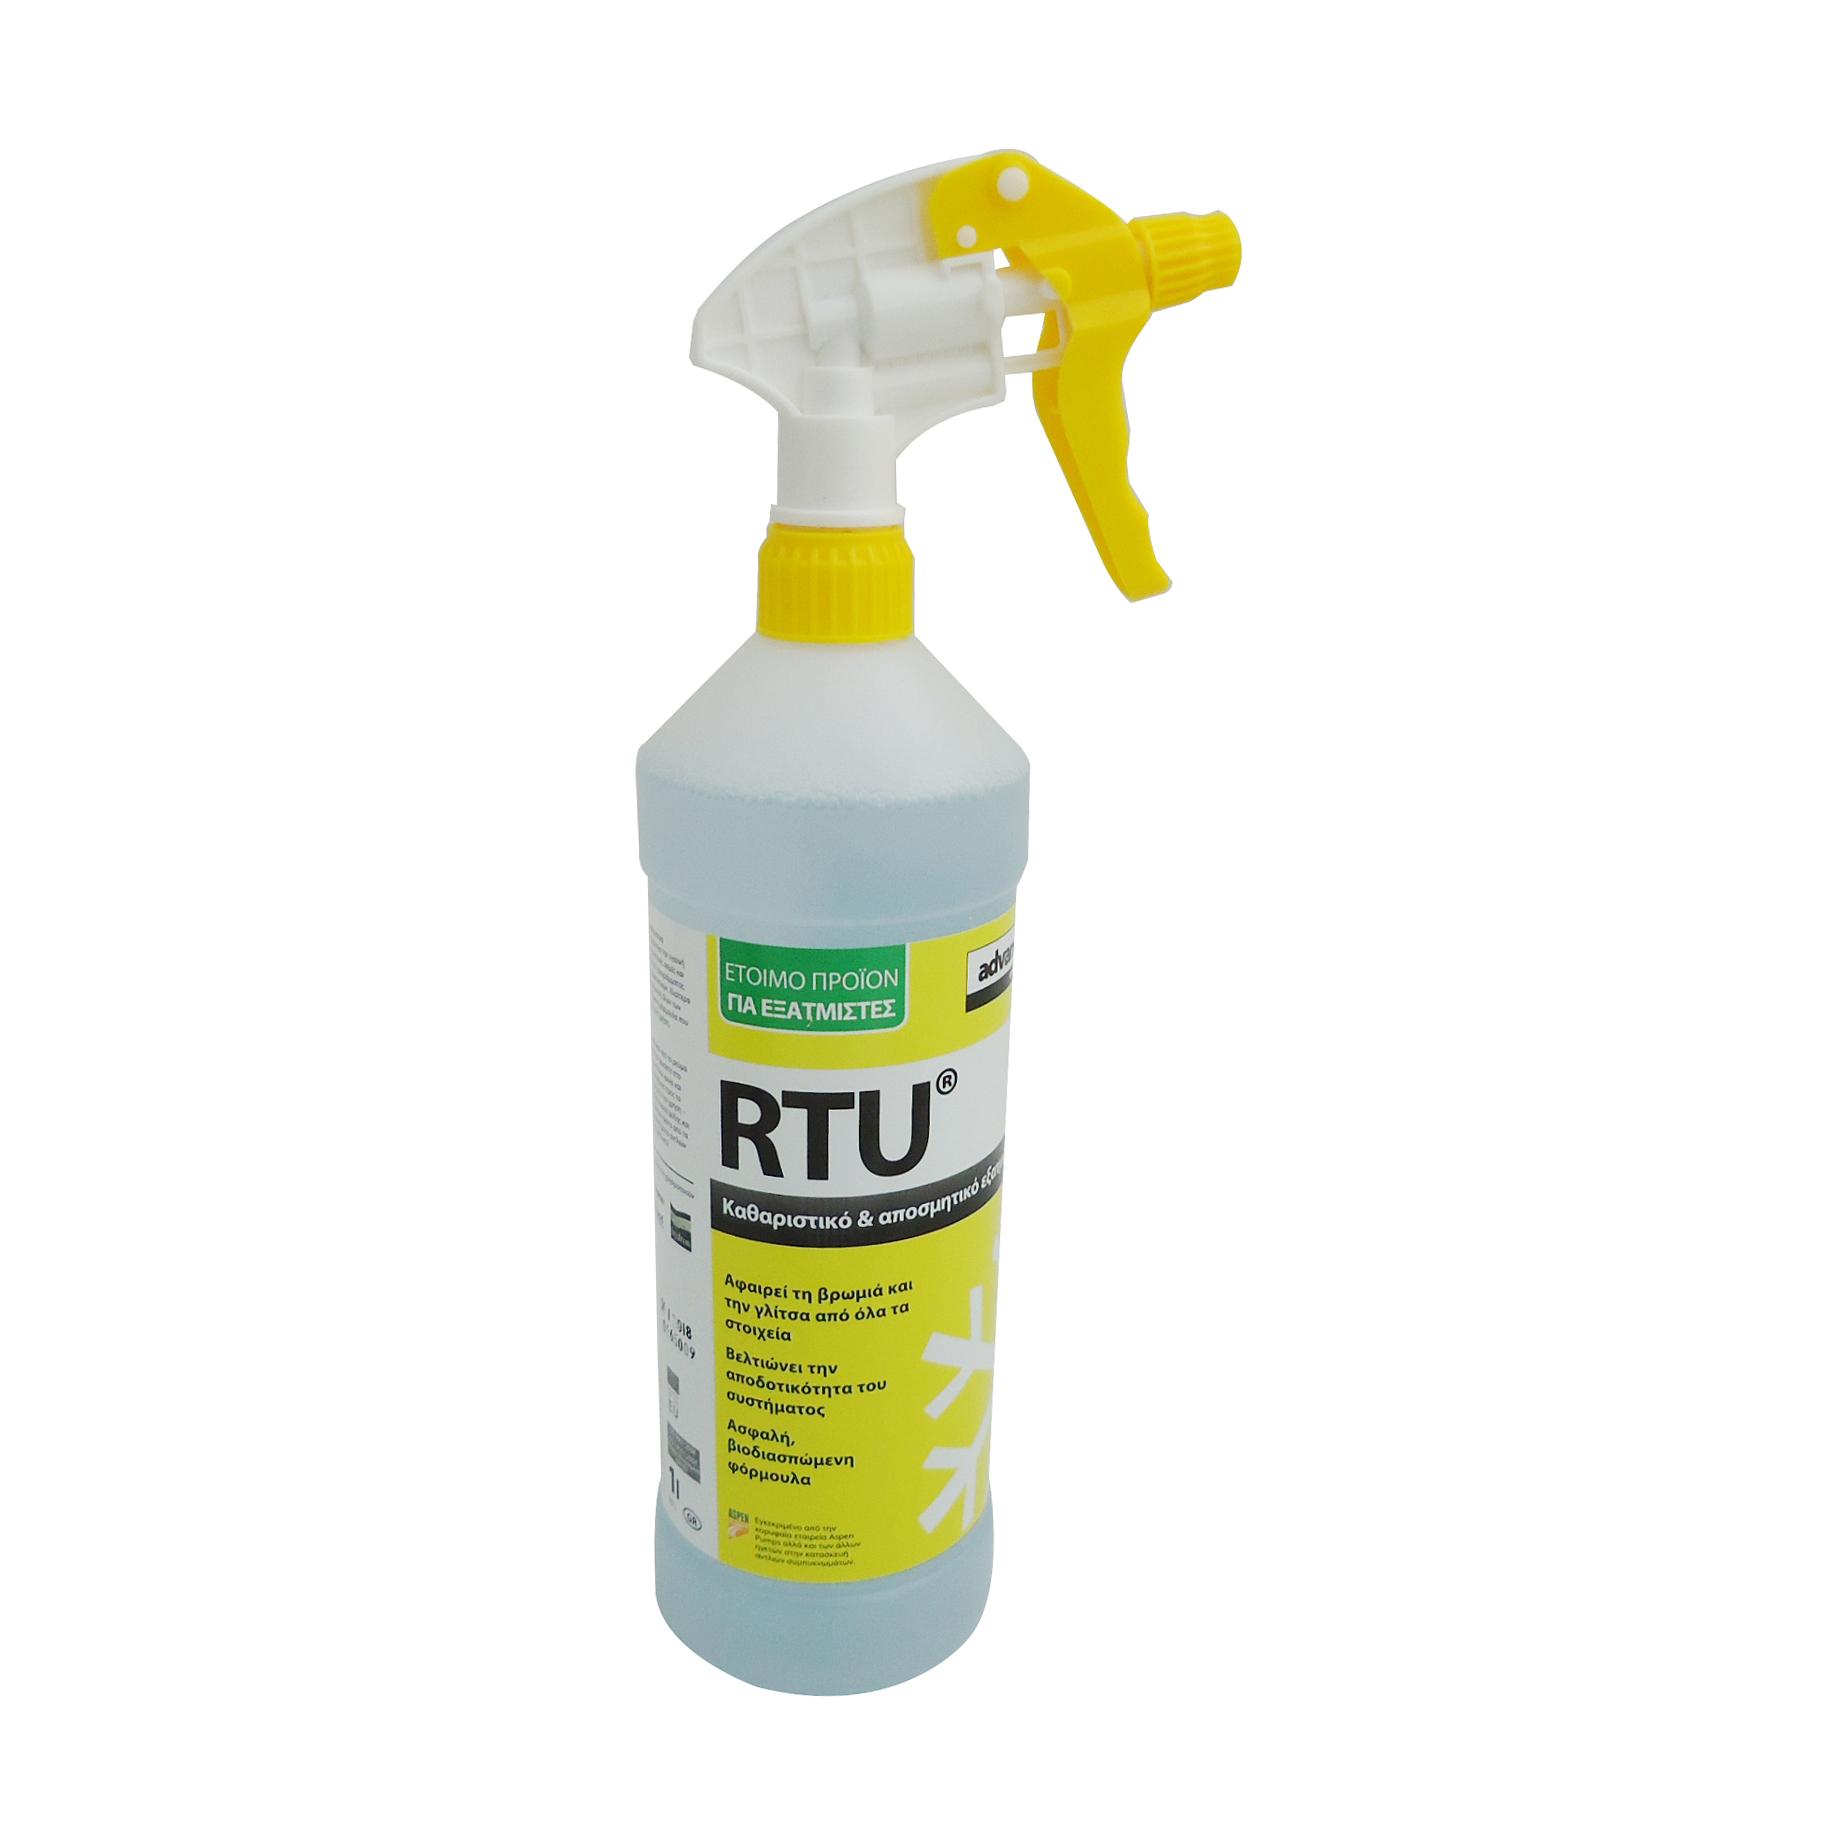 Advanced Engineering RTU Καθαριστικό Για Την Εσωτερική Μονάδα Κλιματιστικου - 1L κλιματισμός    καθαριστικά κλιματιστικών a c  προσφορές   κλιματισμός   υλικά εγ